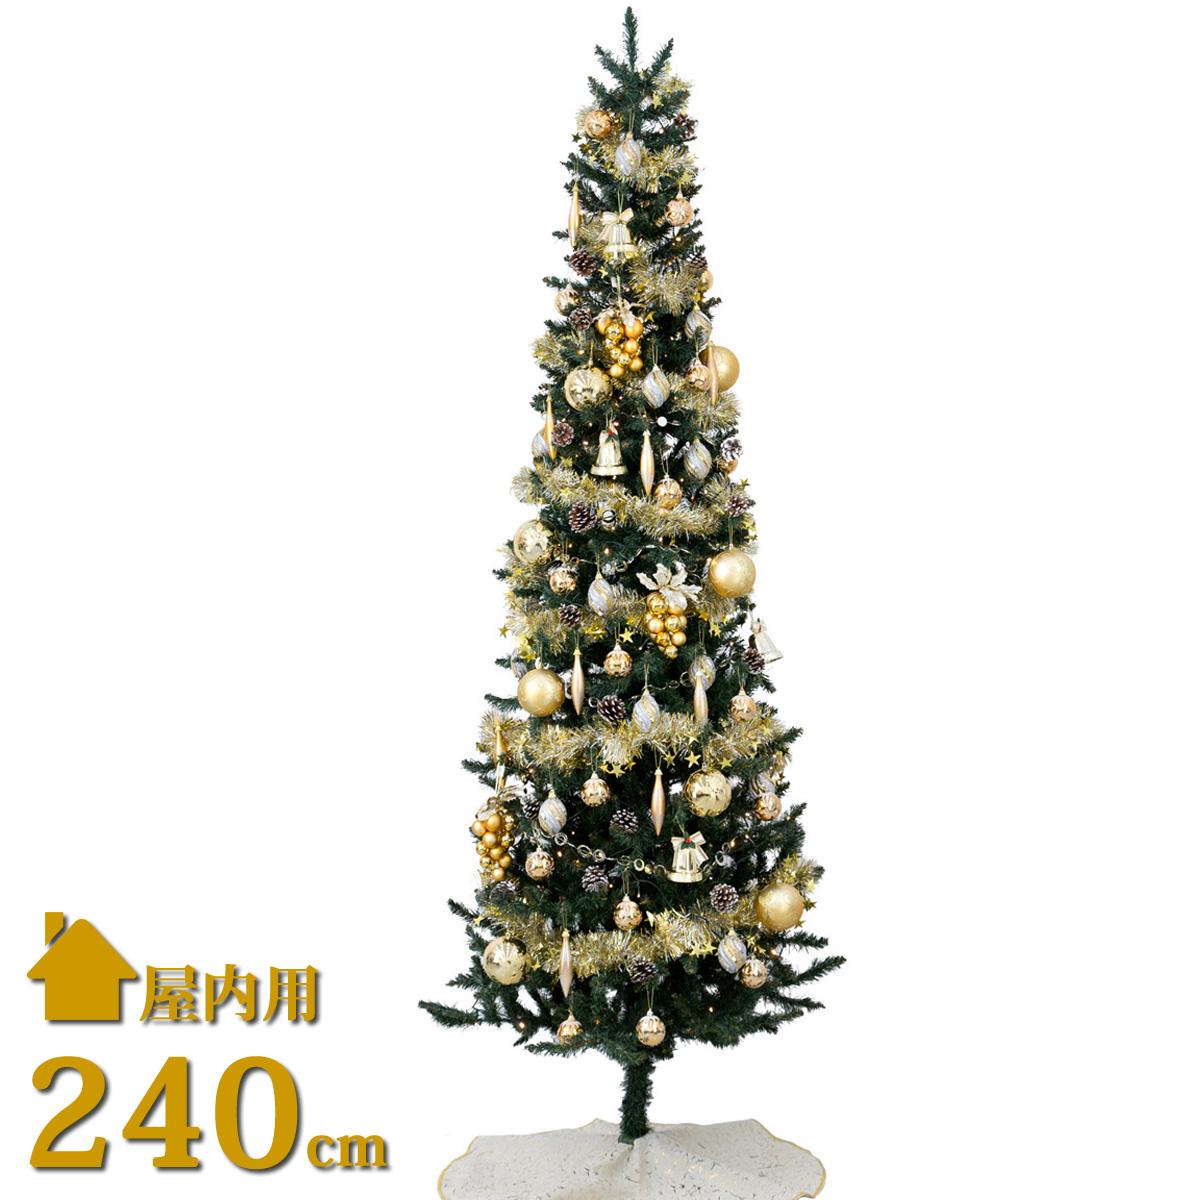 クリスマスツリー スリム 240cm LED セット ゴールドアイボリー オーナメント付き 業務用 北欧 おしゃれ